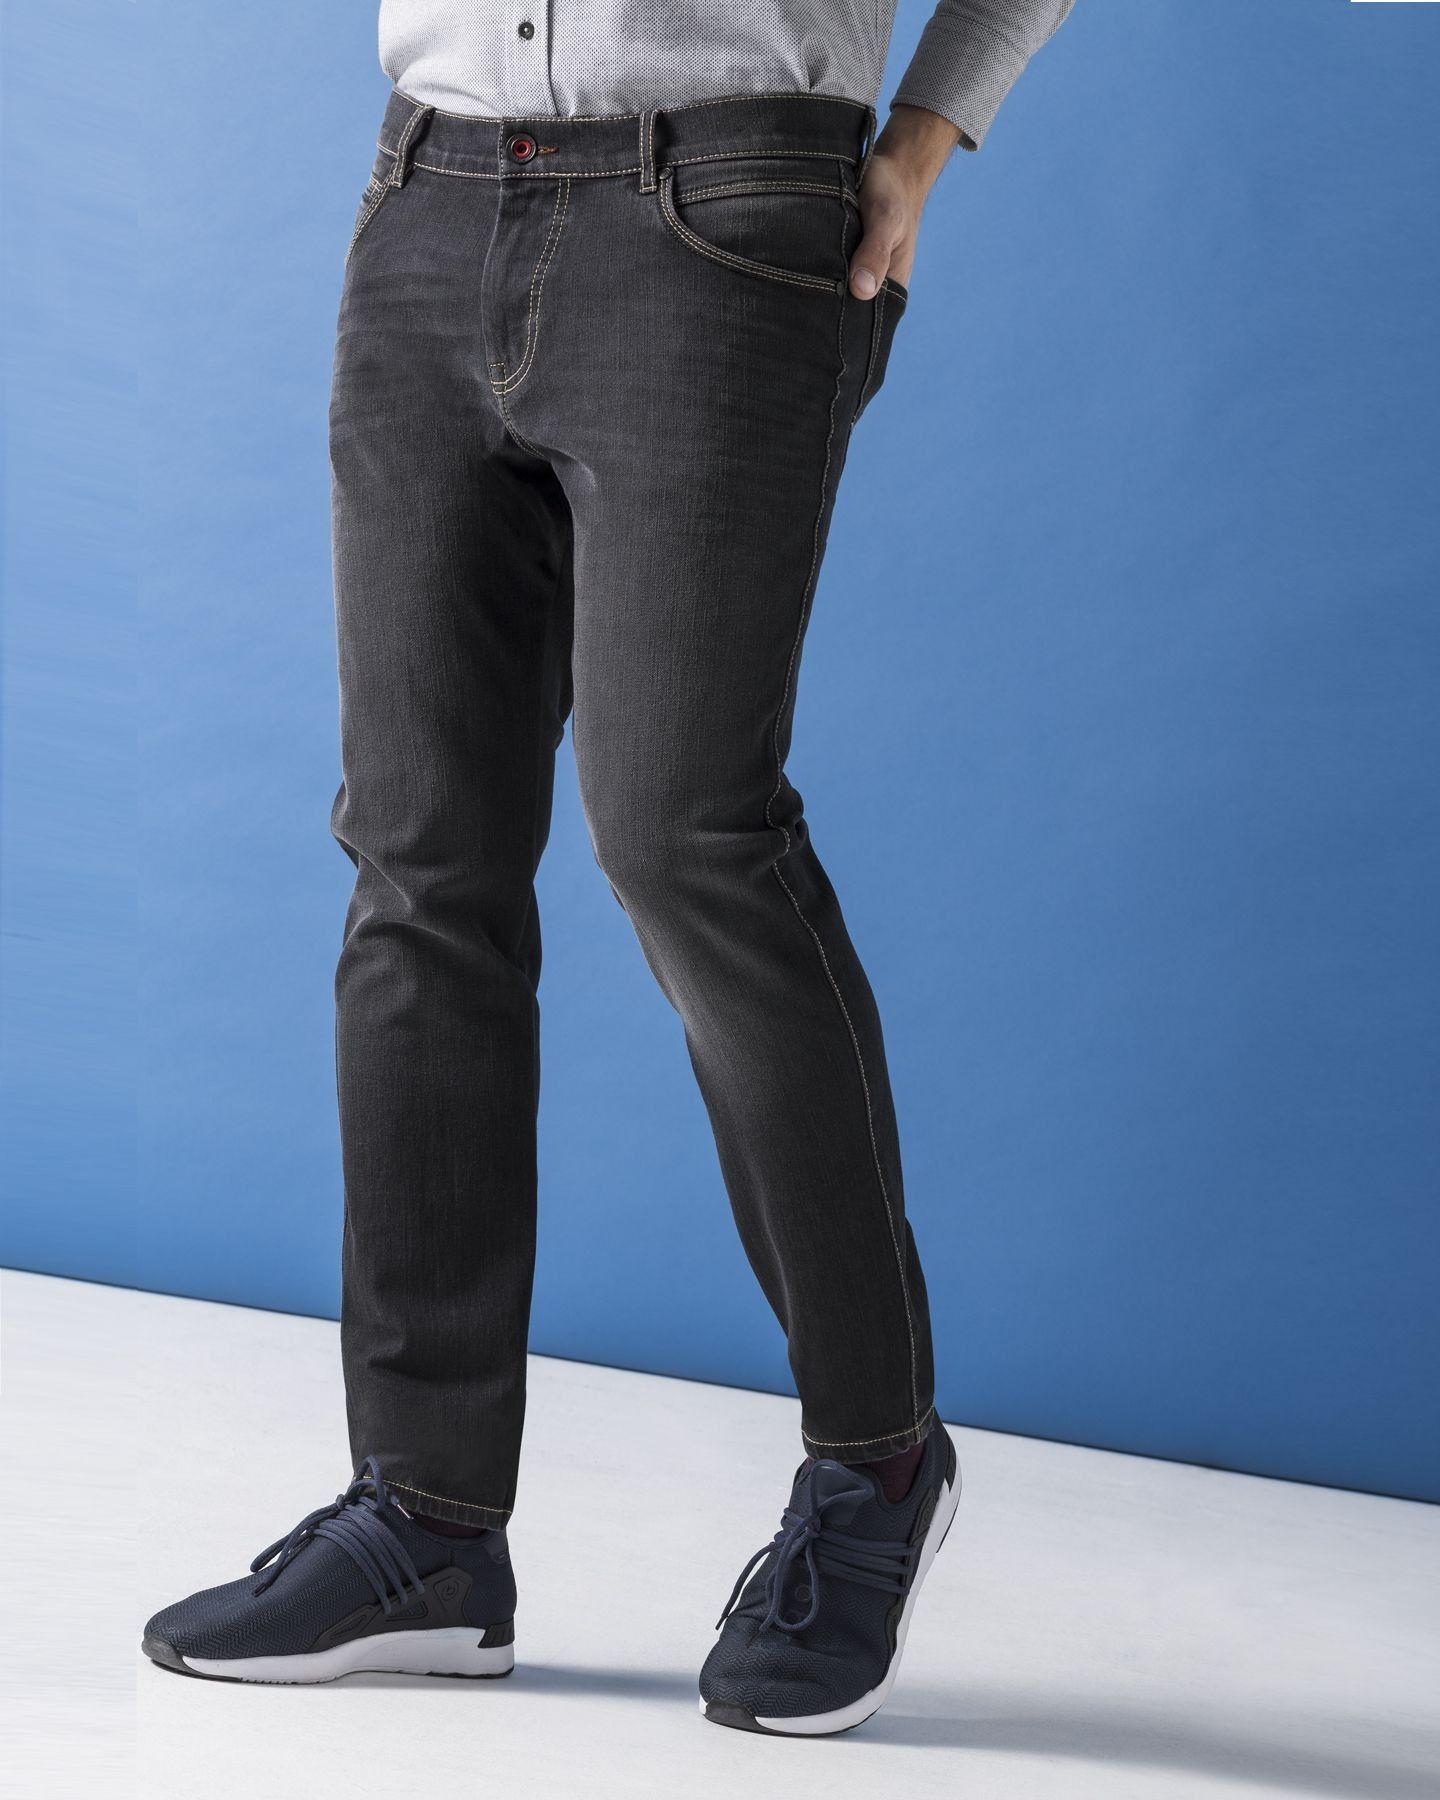 Bugatti - Herren Jeans Five Pocket-Hose hochelastisch (Art. Nr.: 3038D-76683) – Bild 7